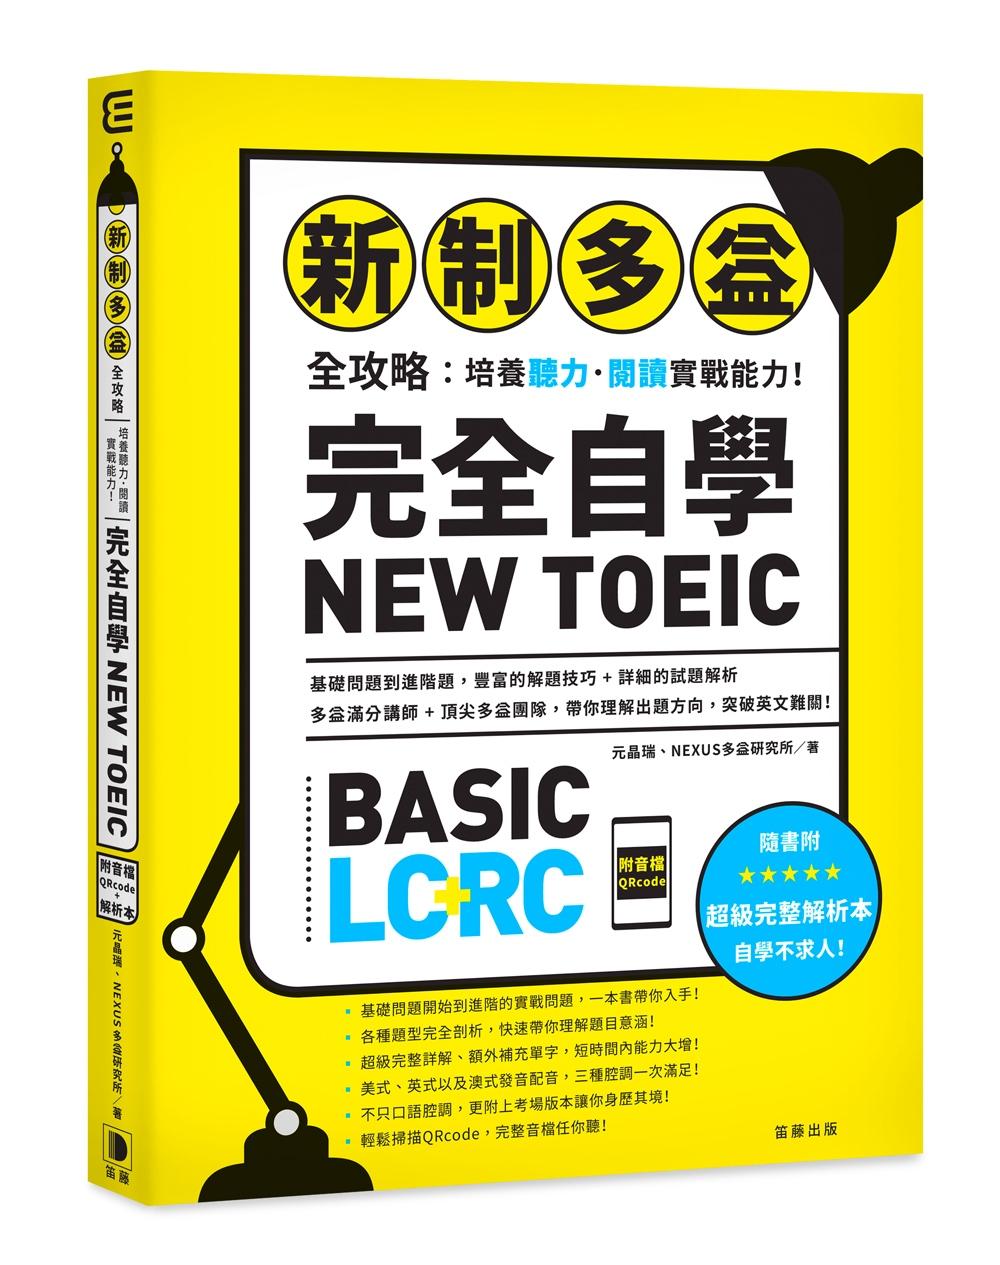 新制多益全攻略:培養聽力.閱讀實戰能力! 完全自學NEW TOEIC(附音檔QRcode):多益基礎問題到進階題,豐富的解題技巧 + 詳細的試題解析,帶你理解出題方向,輕鬆突破英文難關!